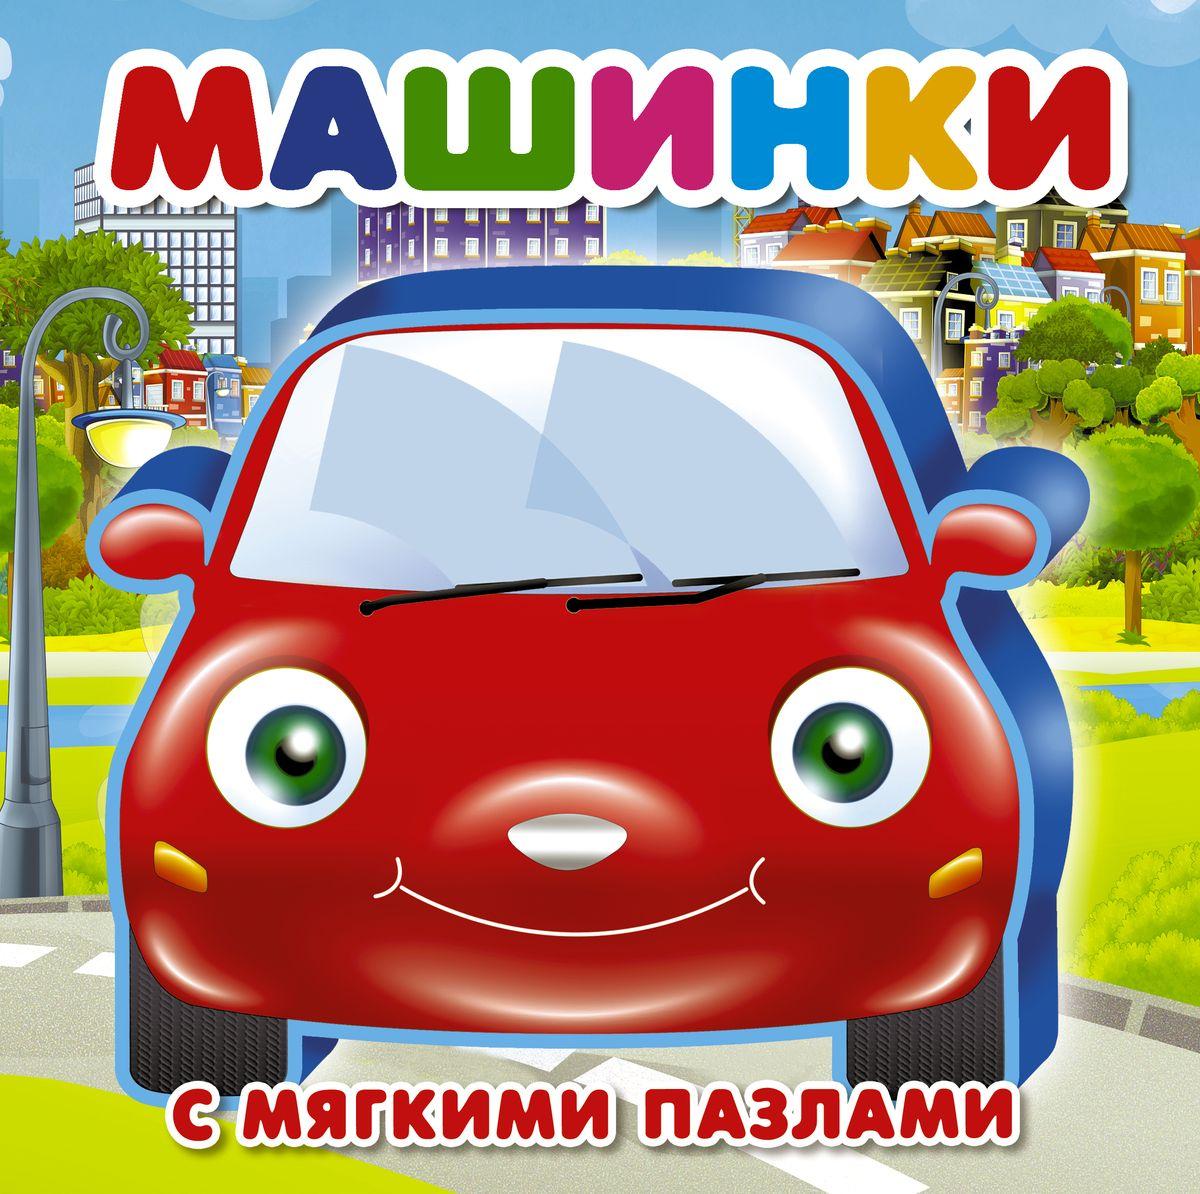 Дмитриева В.Г., Горбунова И.В. Машинки